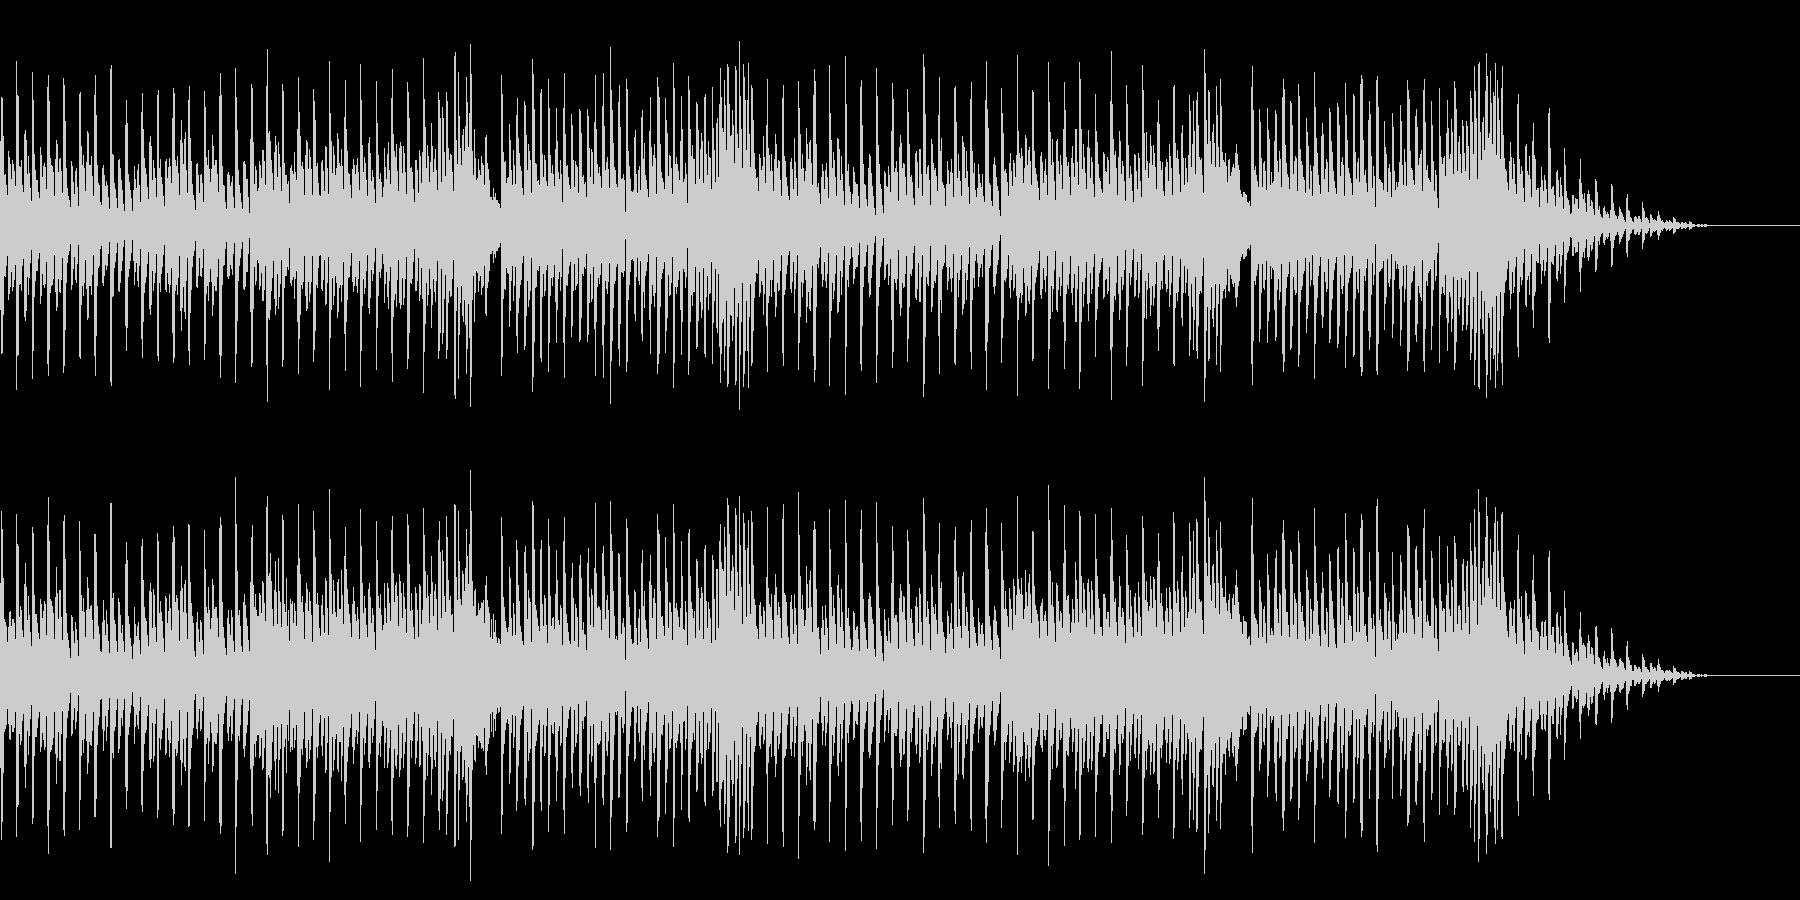 8bitクラシック-カプリース-の未再生の波形